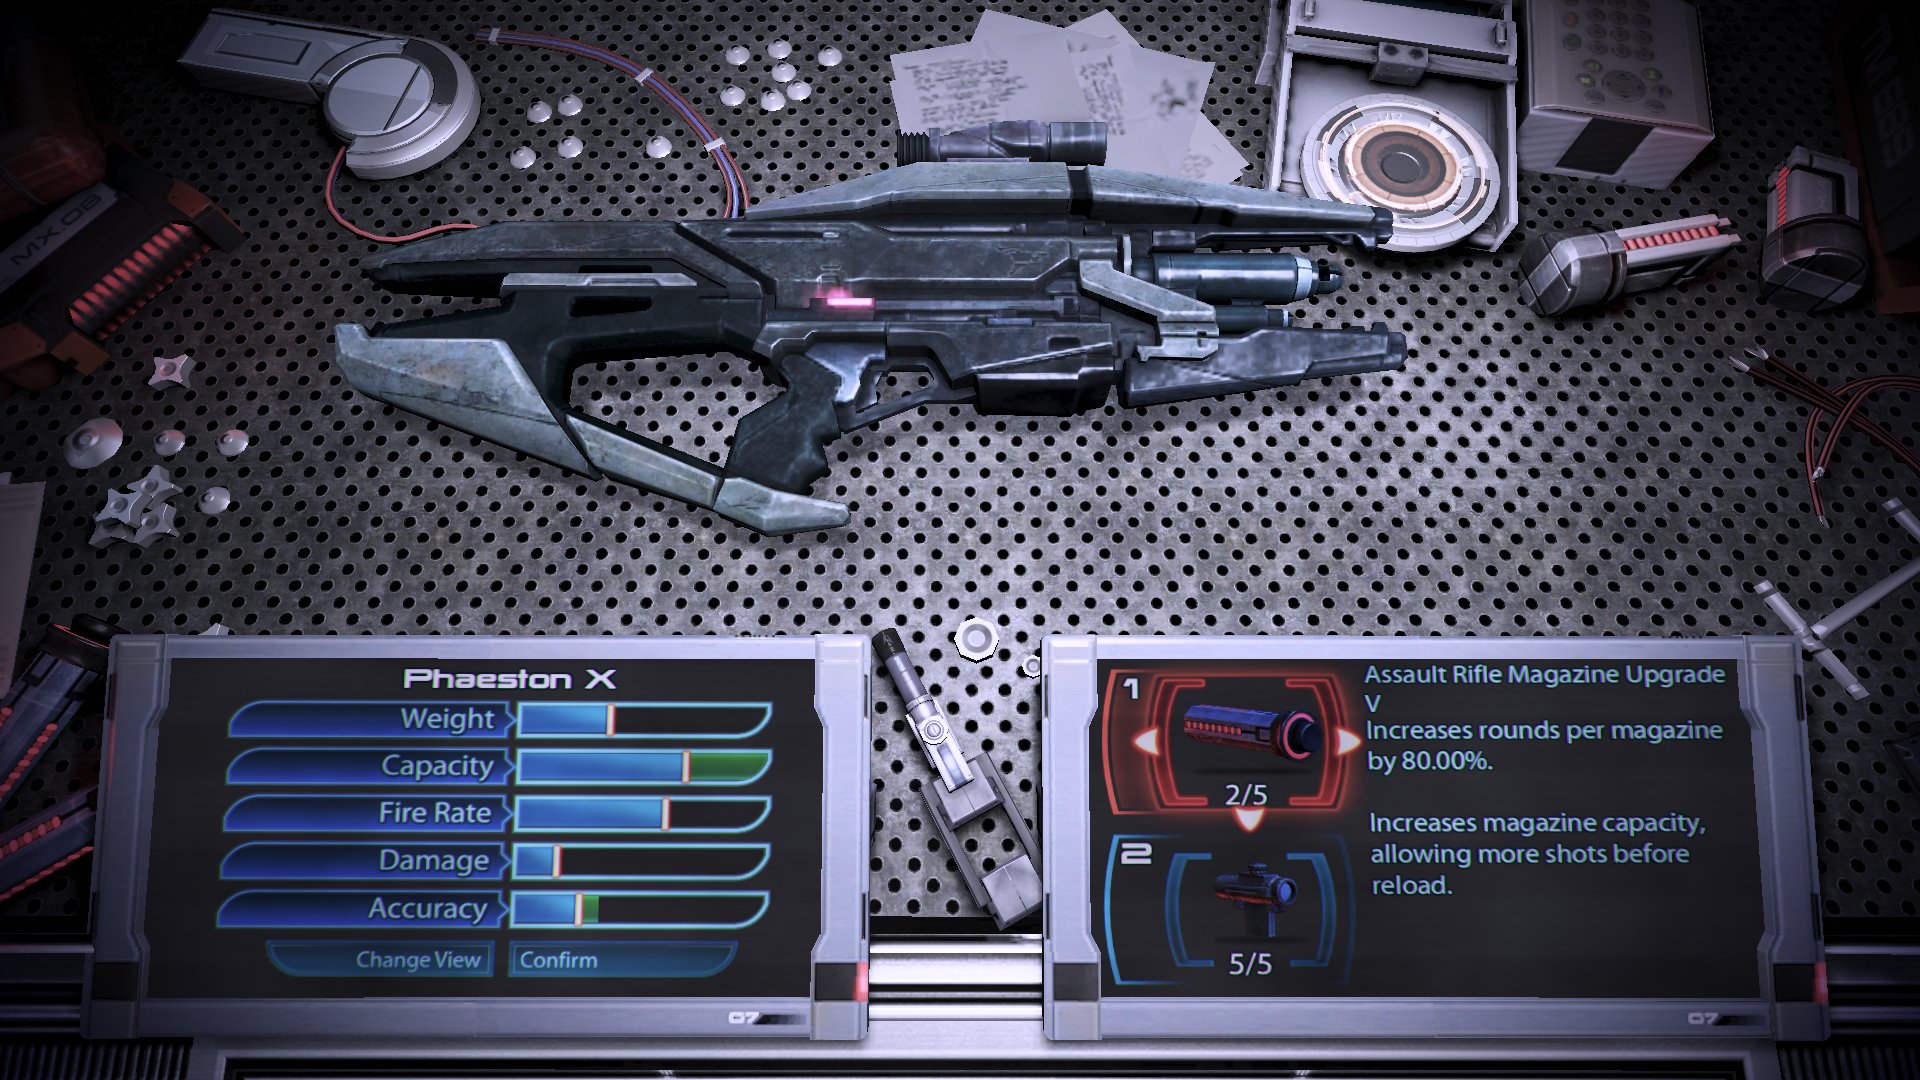 Weapon Mods Mass Effect Wiki Fandom Powered By Wikia